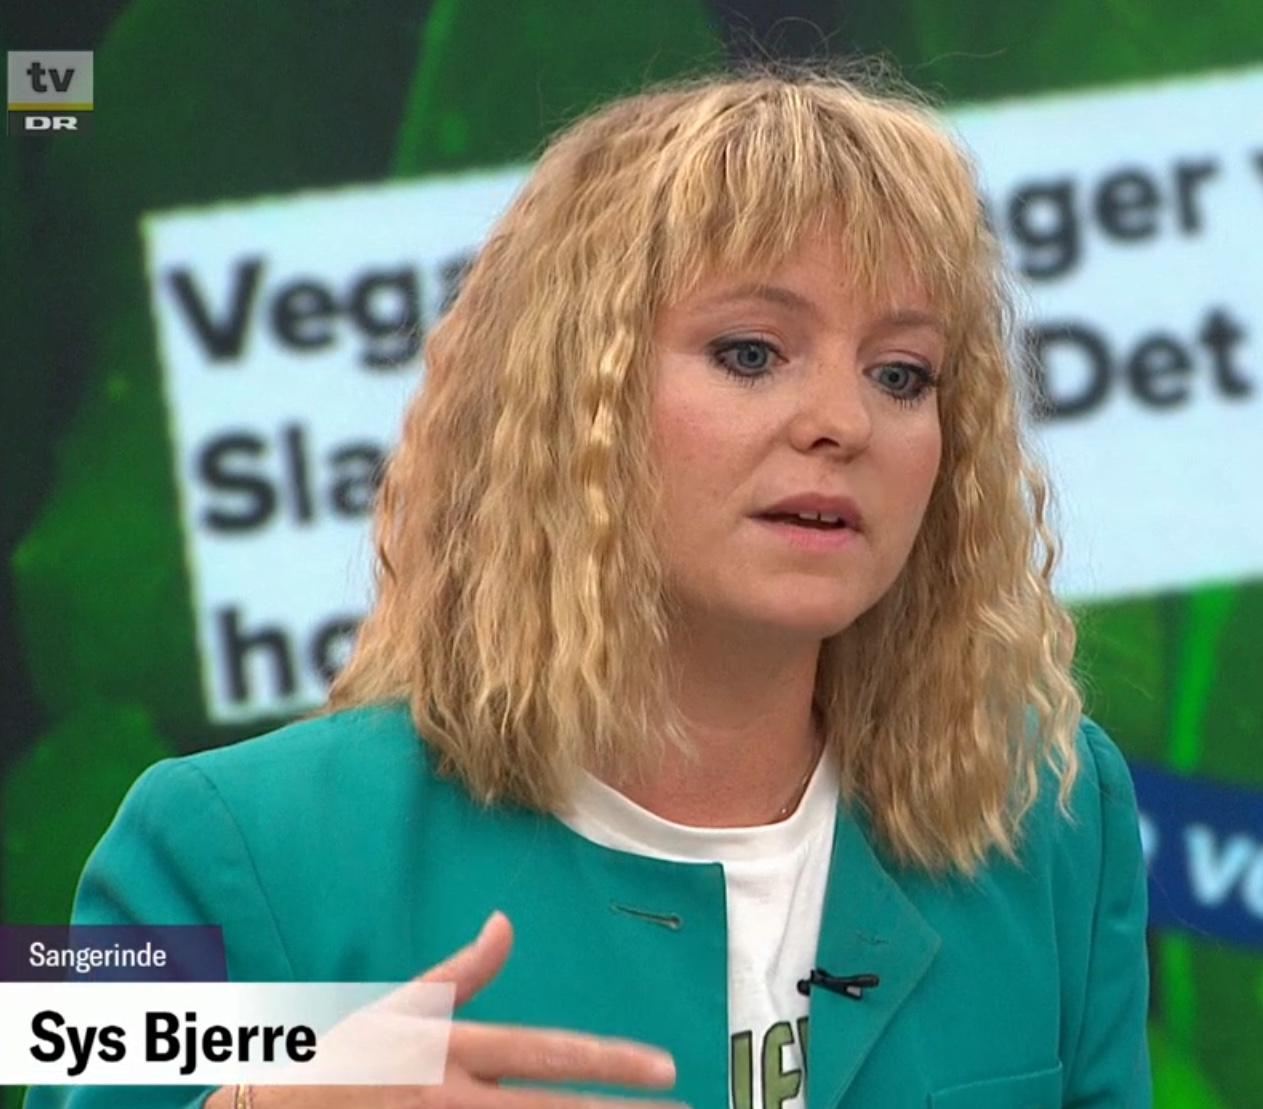 Sys Bjerre om at spise vegansk uden at dø – Aftenshowet